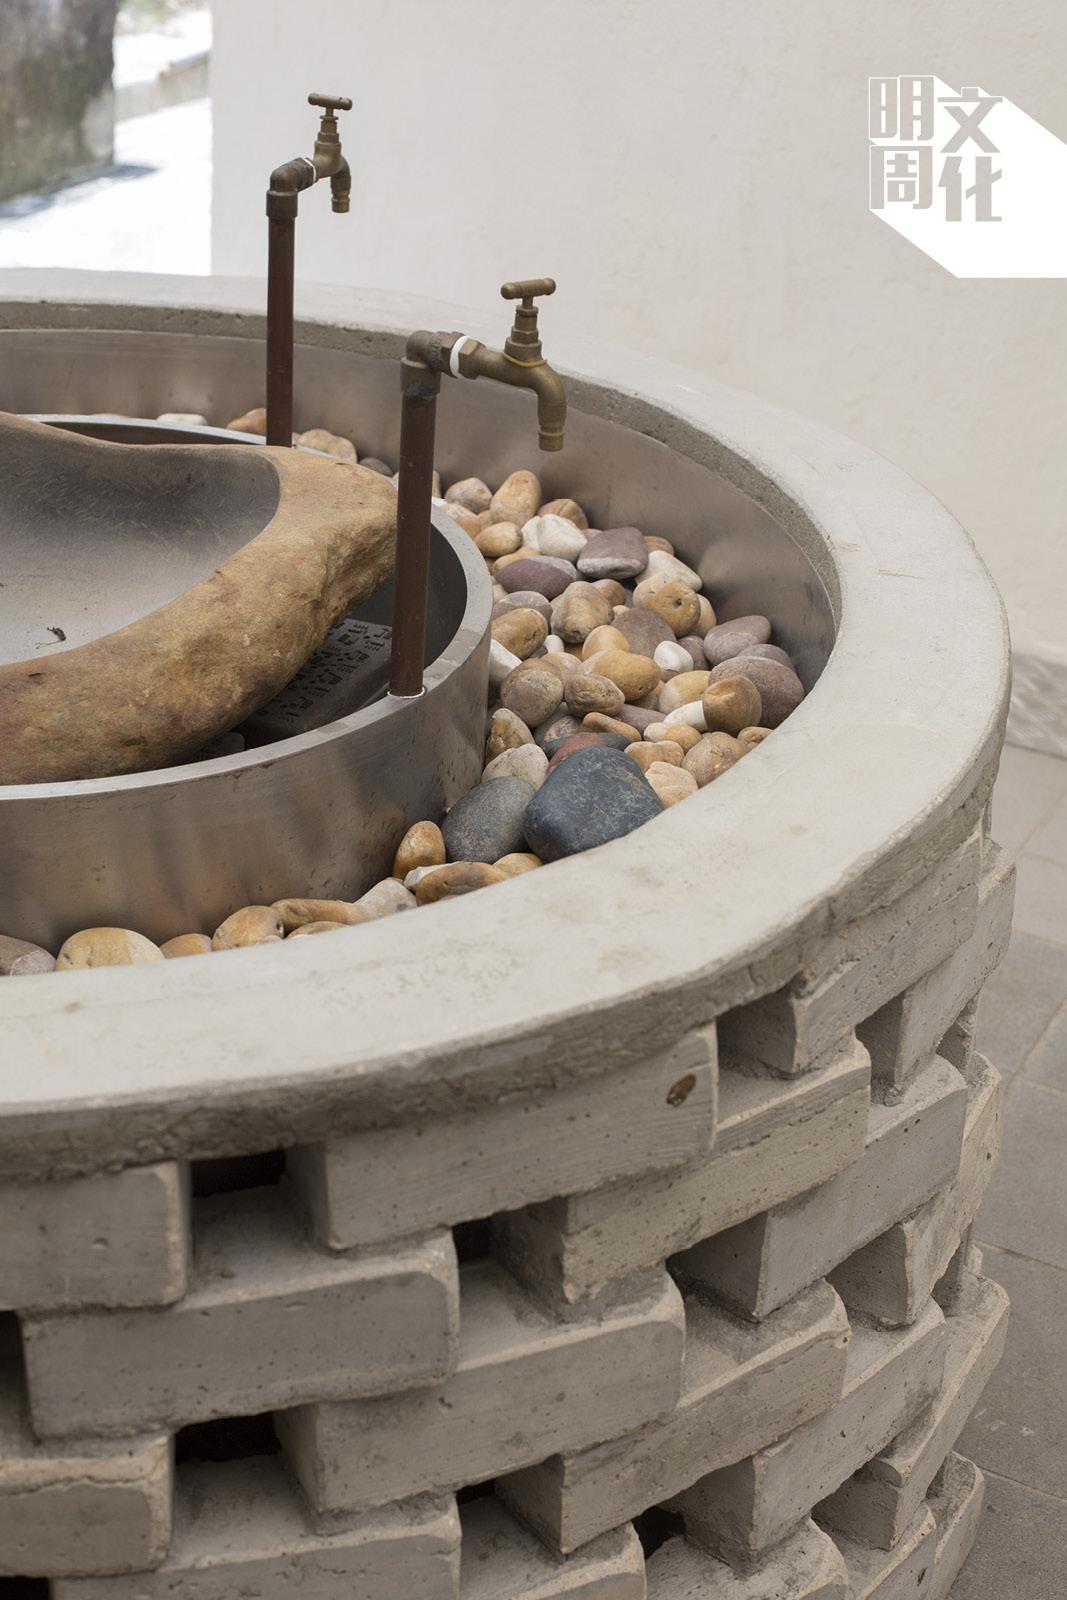 從前的水井變為用環保磚製成的水龍頭